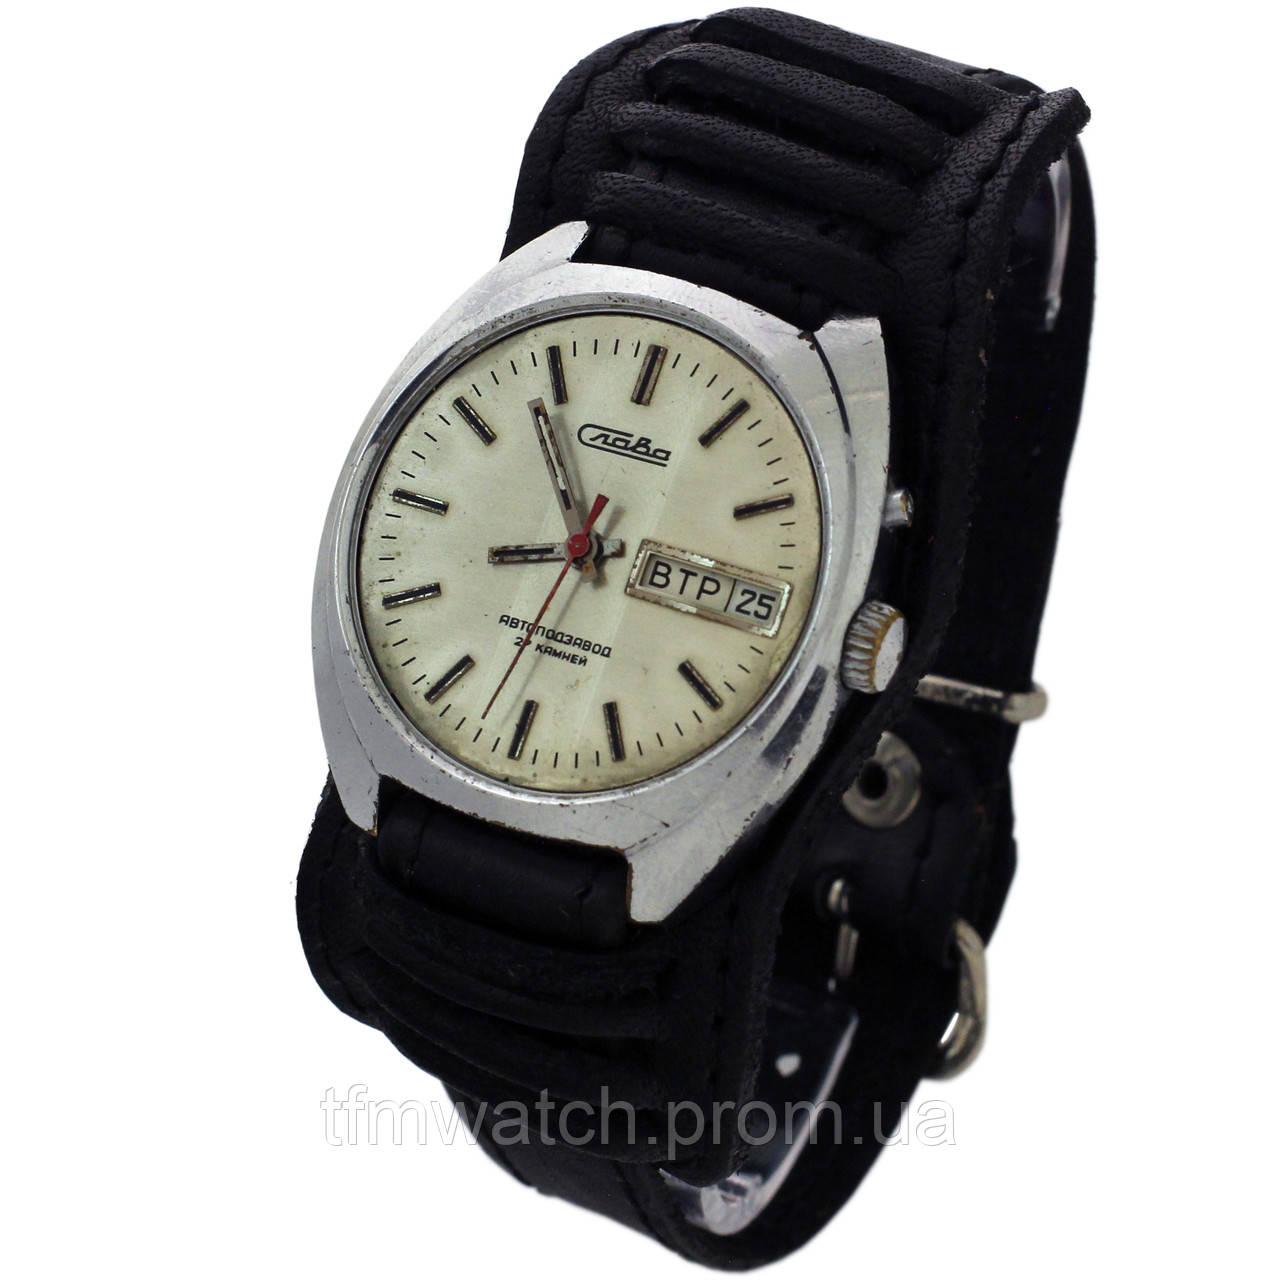 Баланс к часам купить купить копии часов fossil